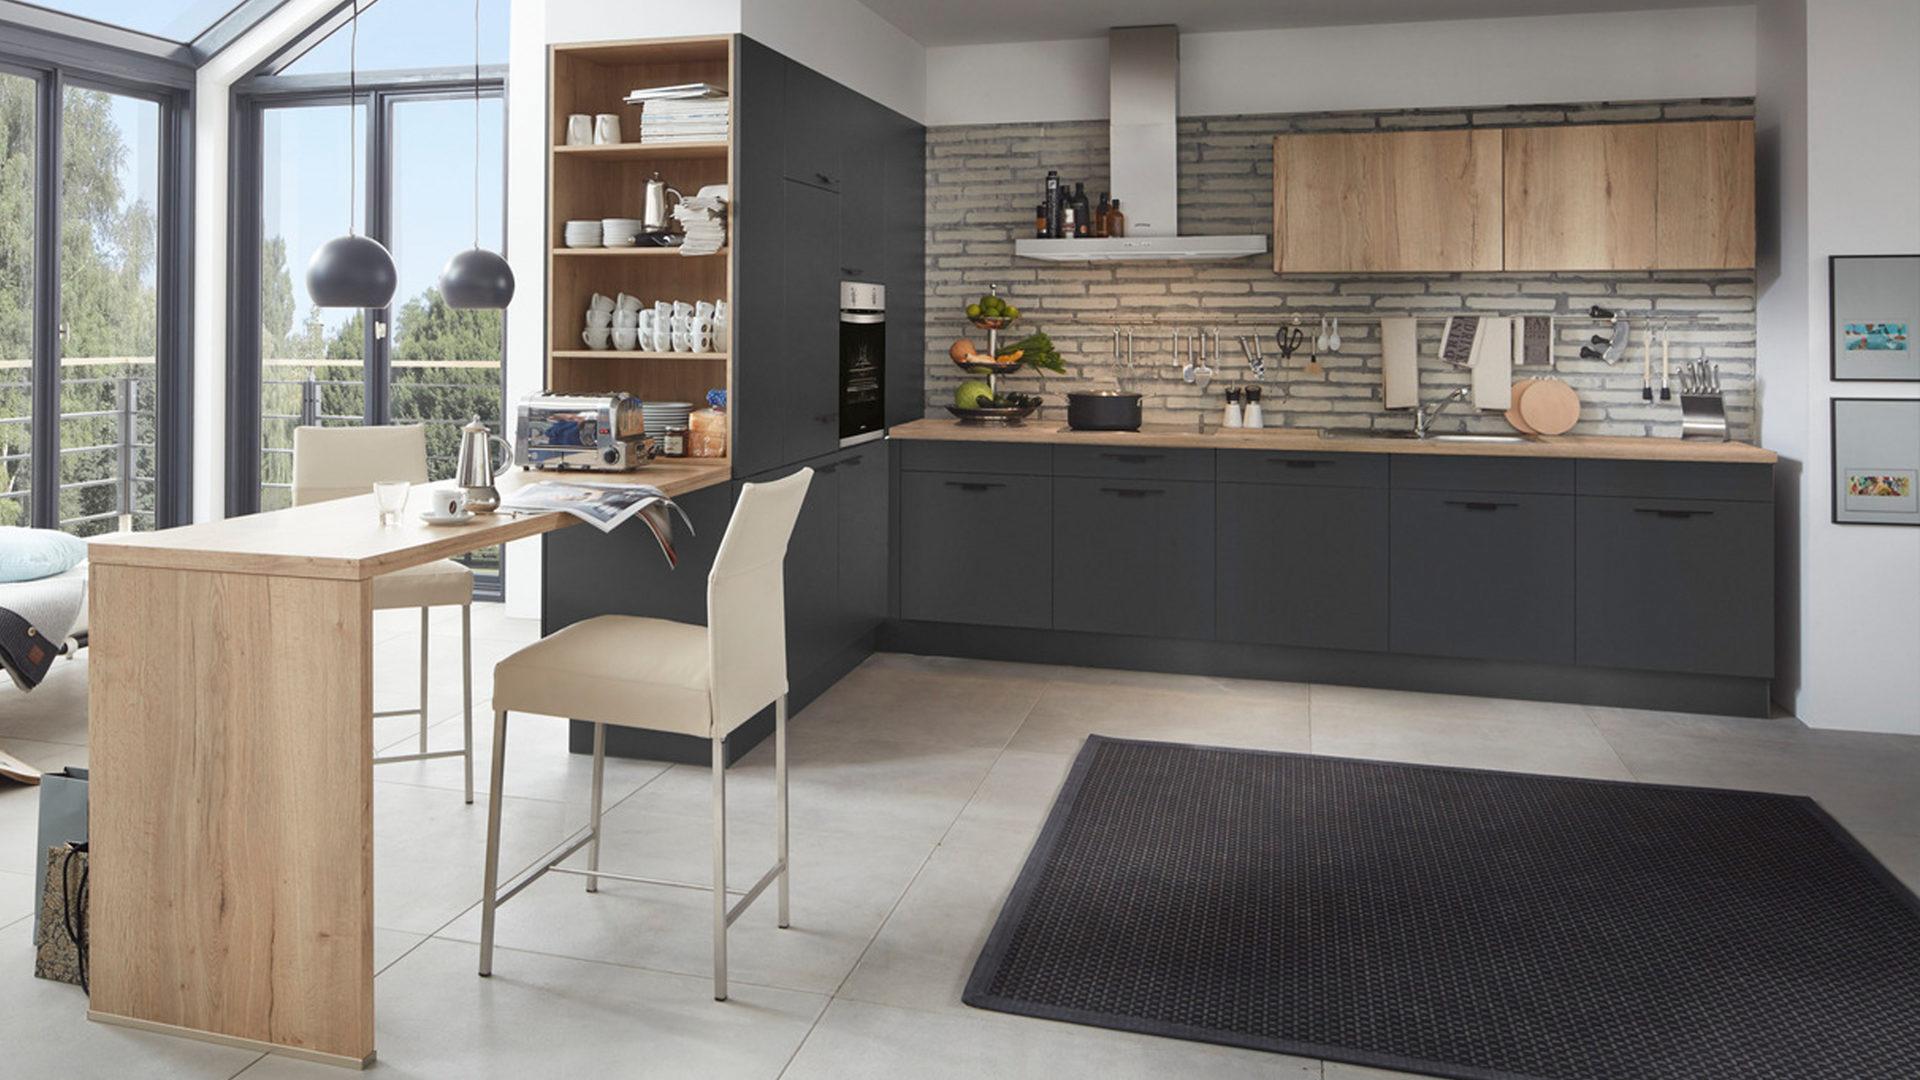 Möbel Bohn Crailsheim, Möbel A-Z, Küchen, Einbauküchen, WERT ...